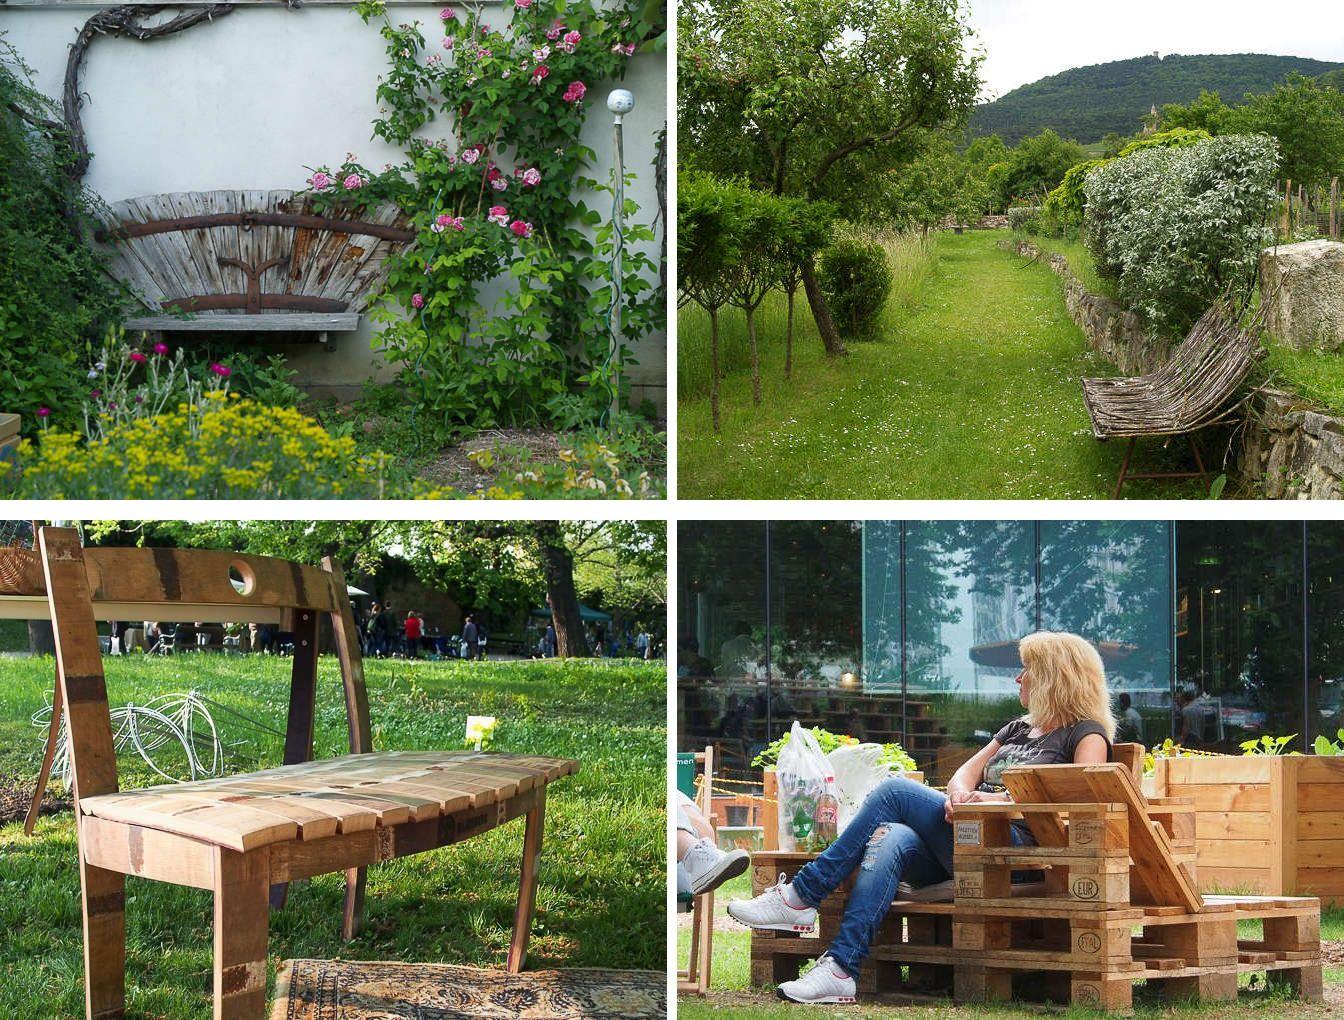 upcycling Gartensitze